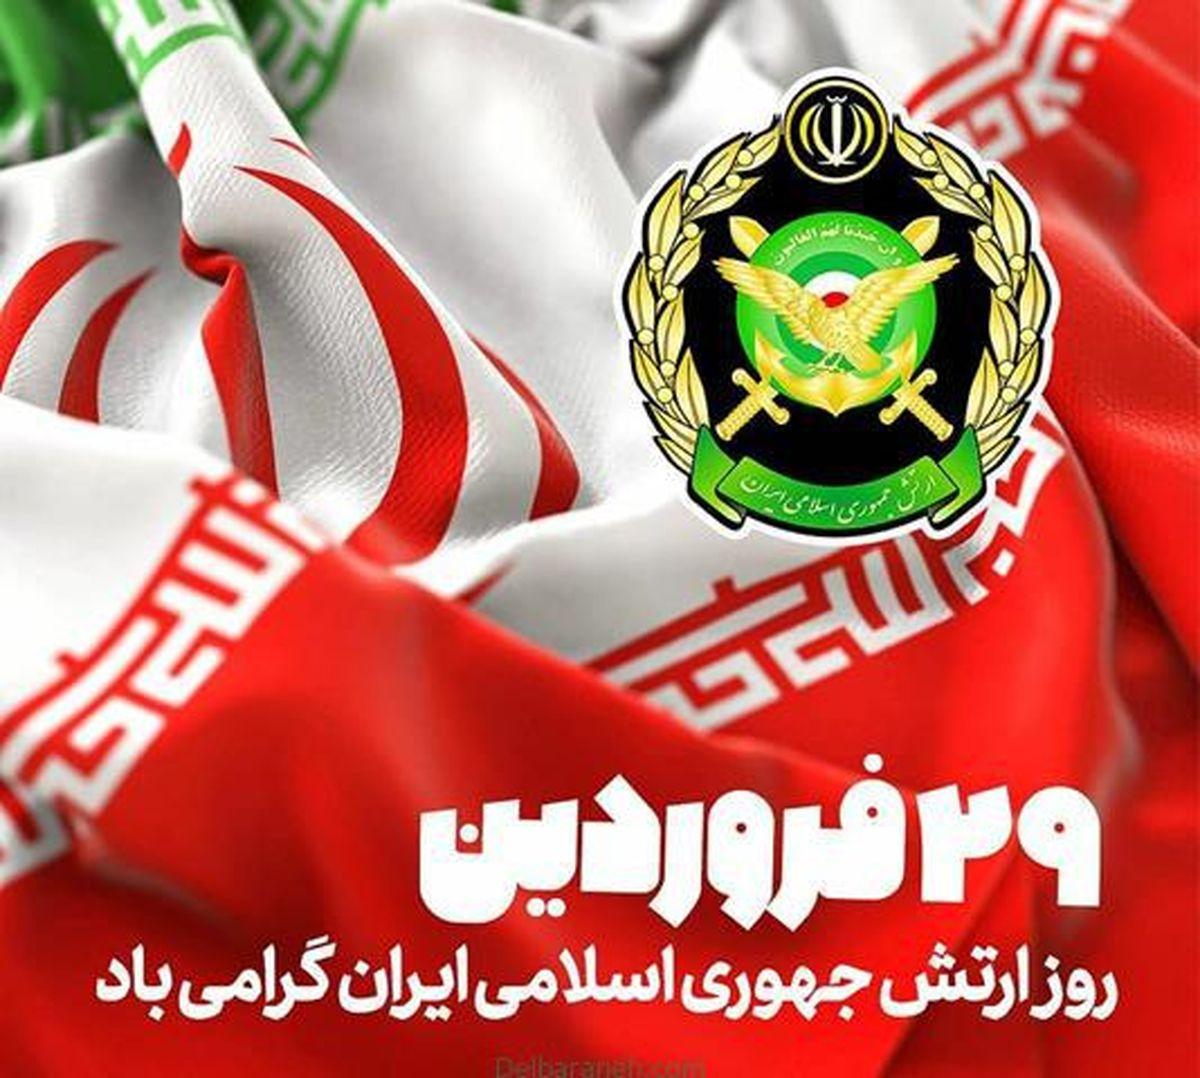 پیام تبریک مدیرکل کمیته امداد استان اصفهان به مناسبت روز ارتش